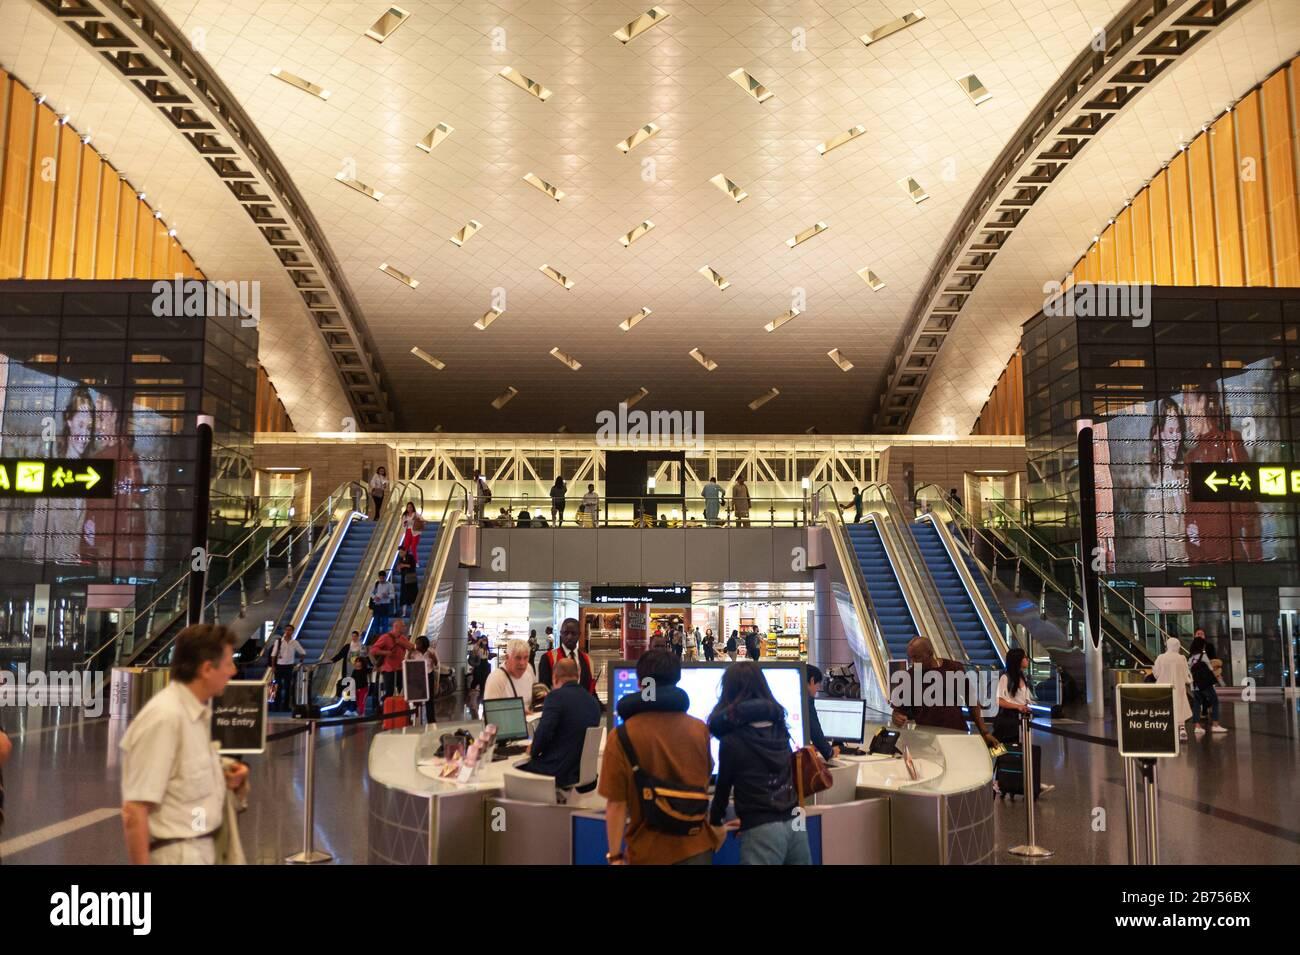 27.06.2019, Doha, Qatar - vue intérieure du nouvel aéroport international de Hamad. [traduction automatique] Banque D'Images